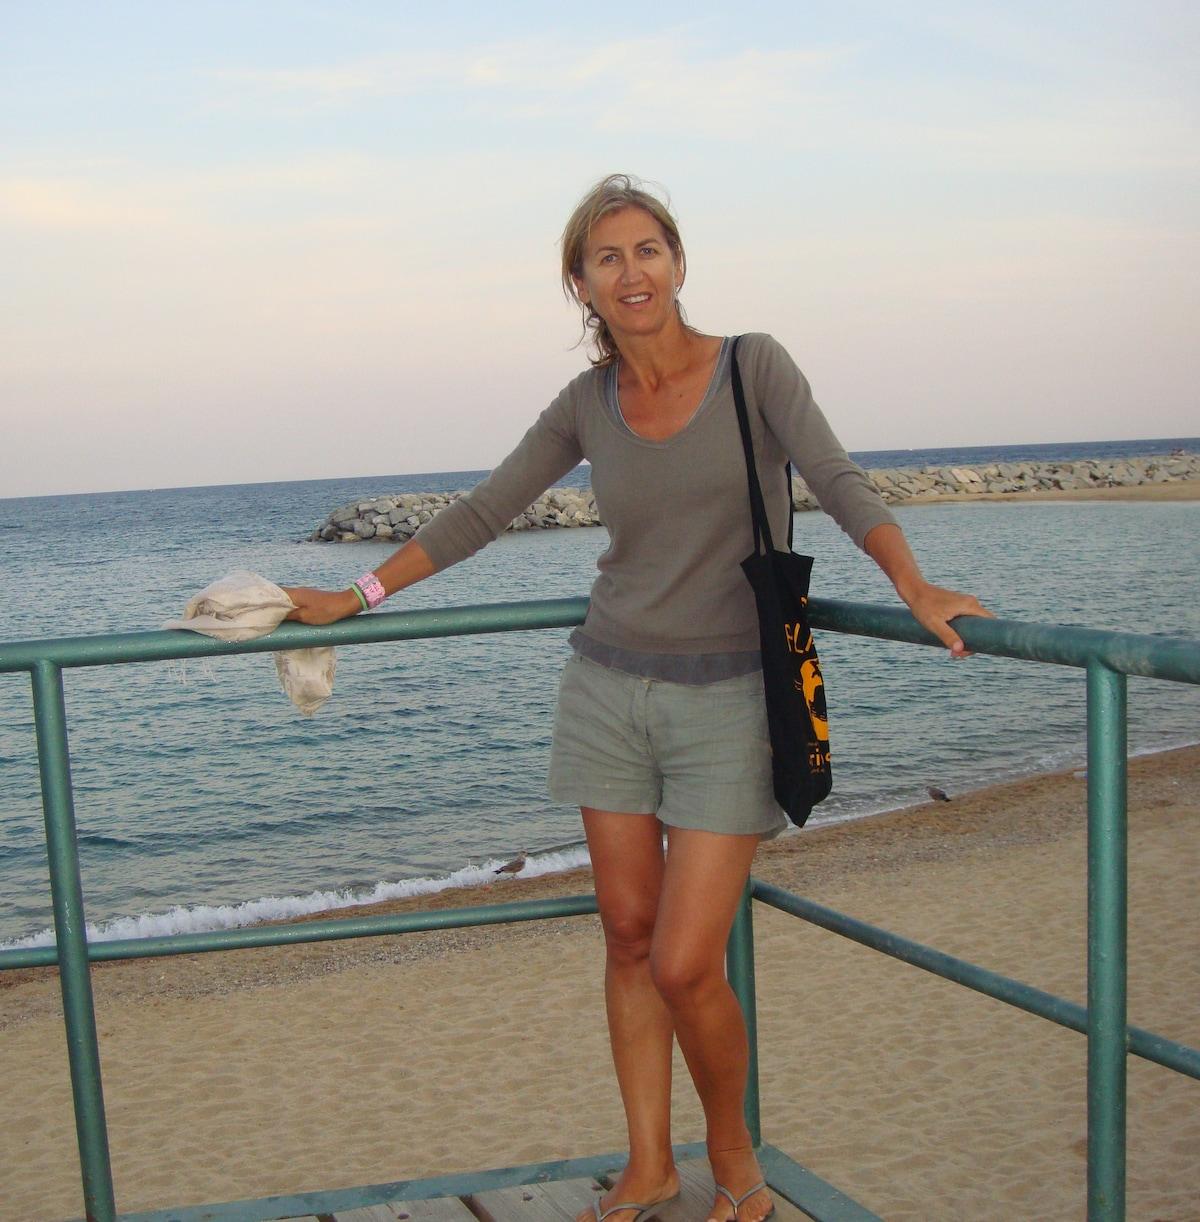 Amivelaz from Barcelona